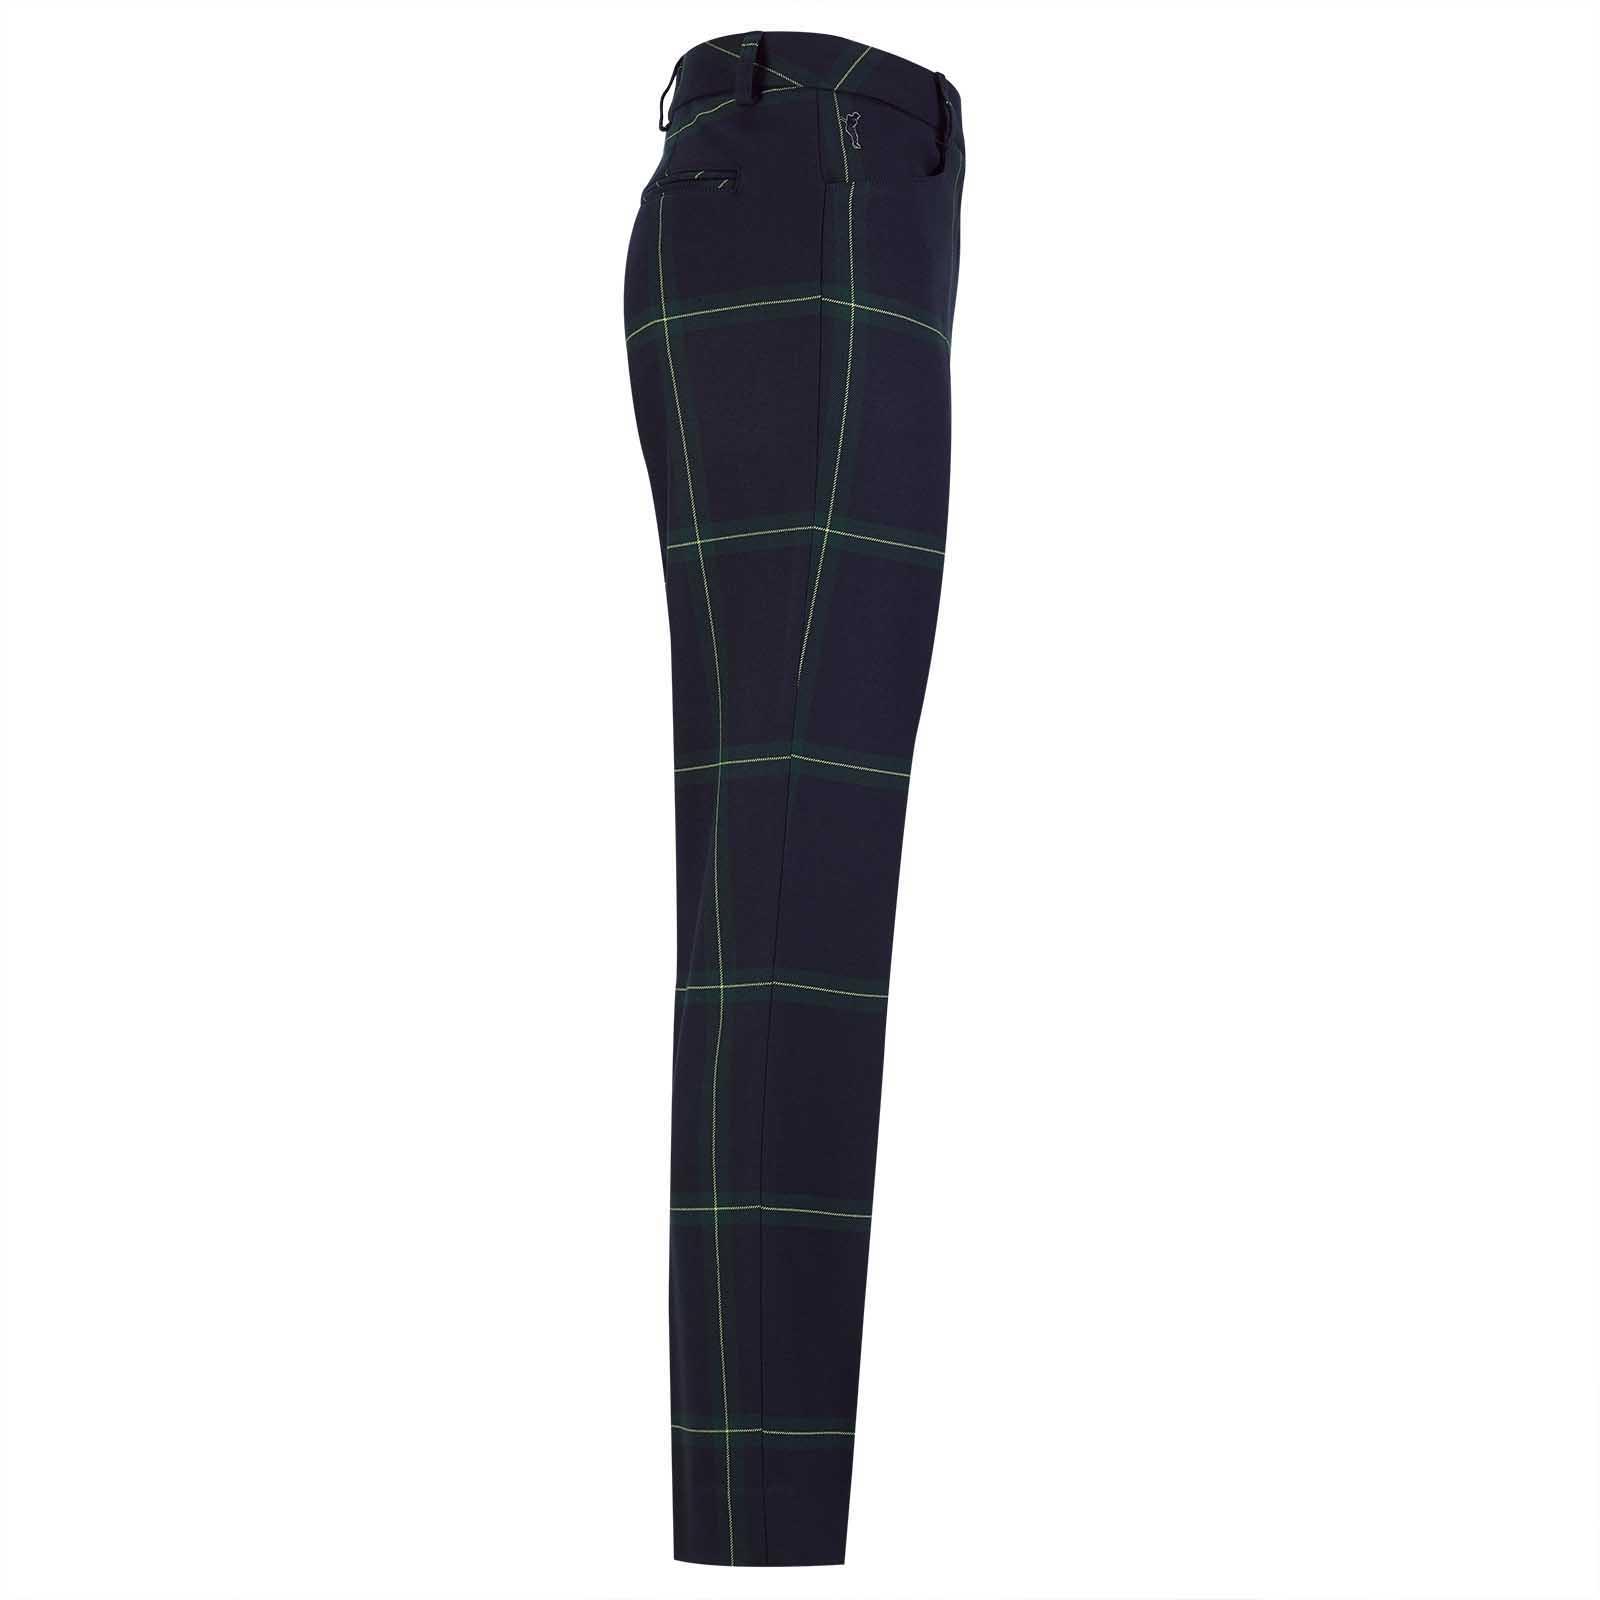 Damen 7/8 Stretch-Golfhose mit klassischem Karo und legerer Passform